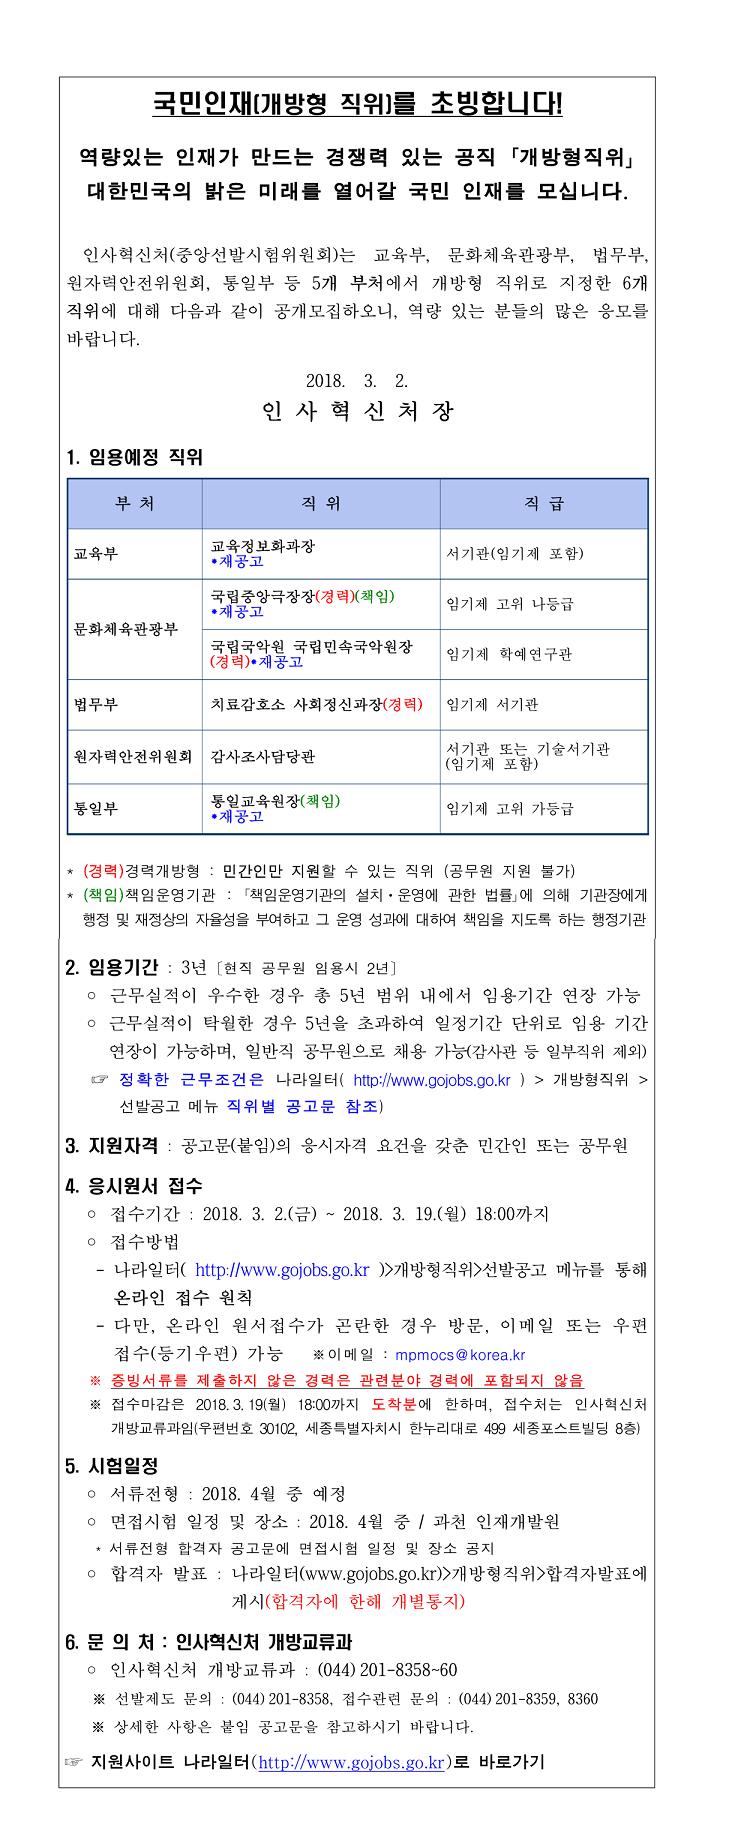 1. 개방형 직위 공개모집 안내(2018년 3월 공고)-1.jpg